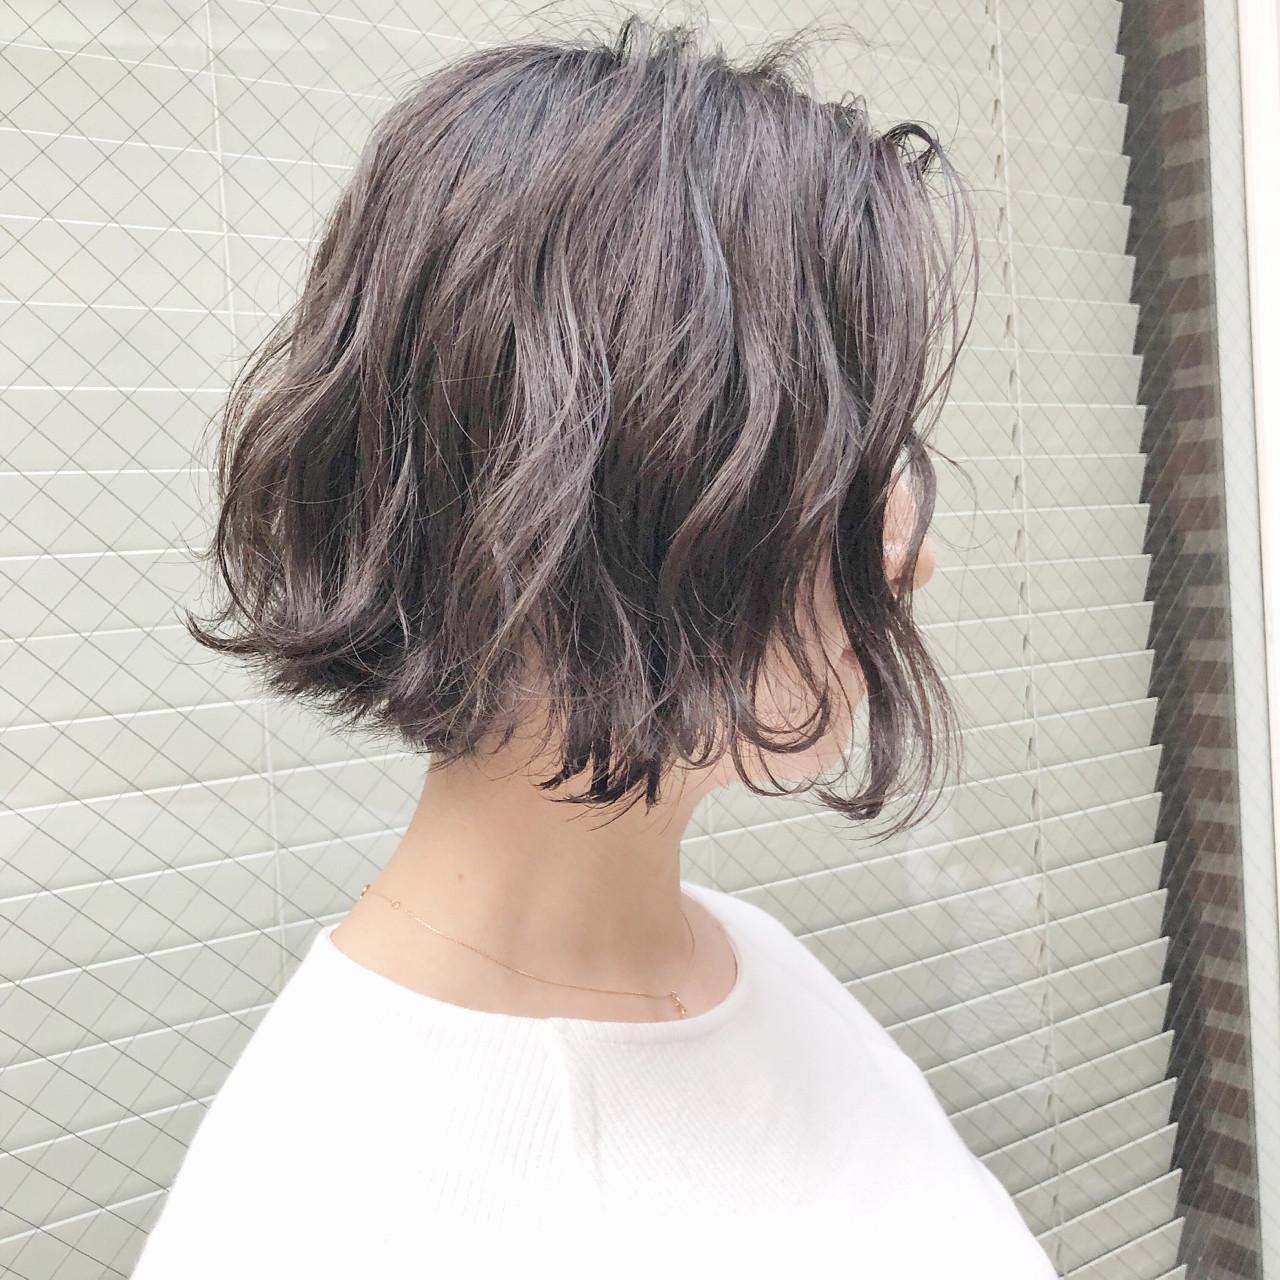 ボブ アンニュイ ニュアンス ナチュラル ヘアスタイルや髪型の写真・画像 | Ryota Yamamoto Daisy / Daisy